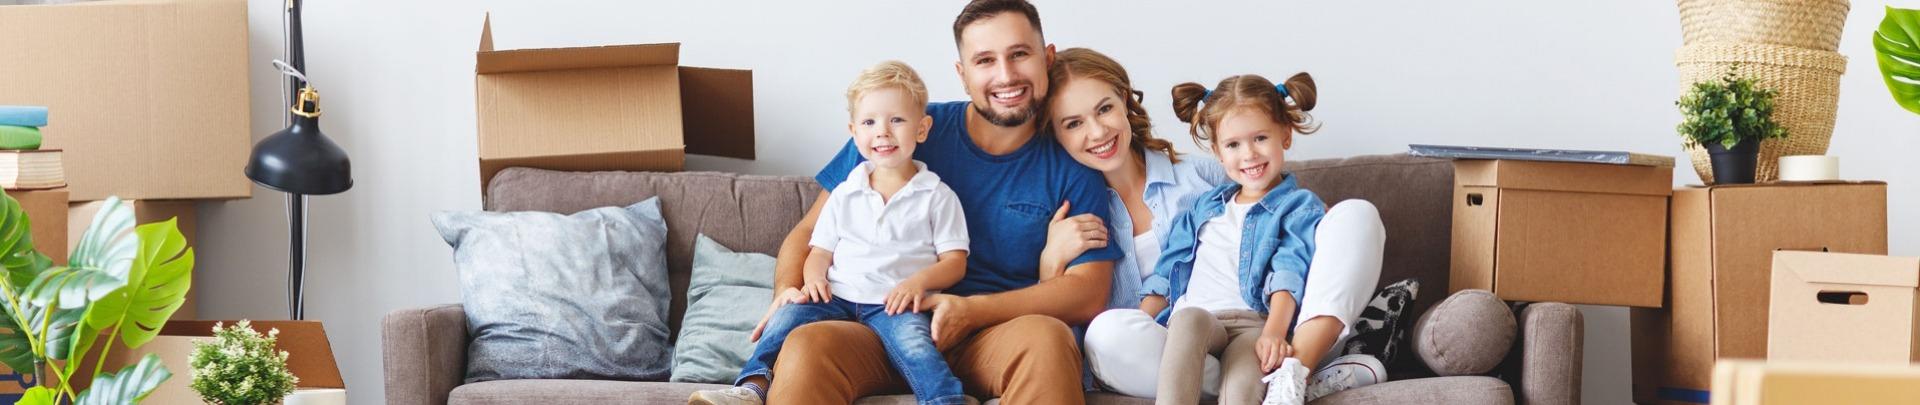 Gelukkig gezin vader moeder en kinderen verhuizen en pakken dozen uit